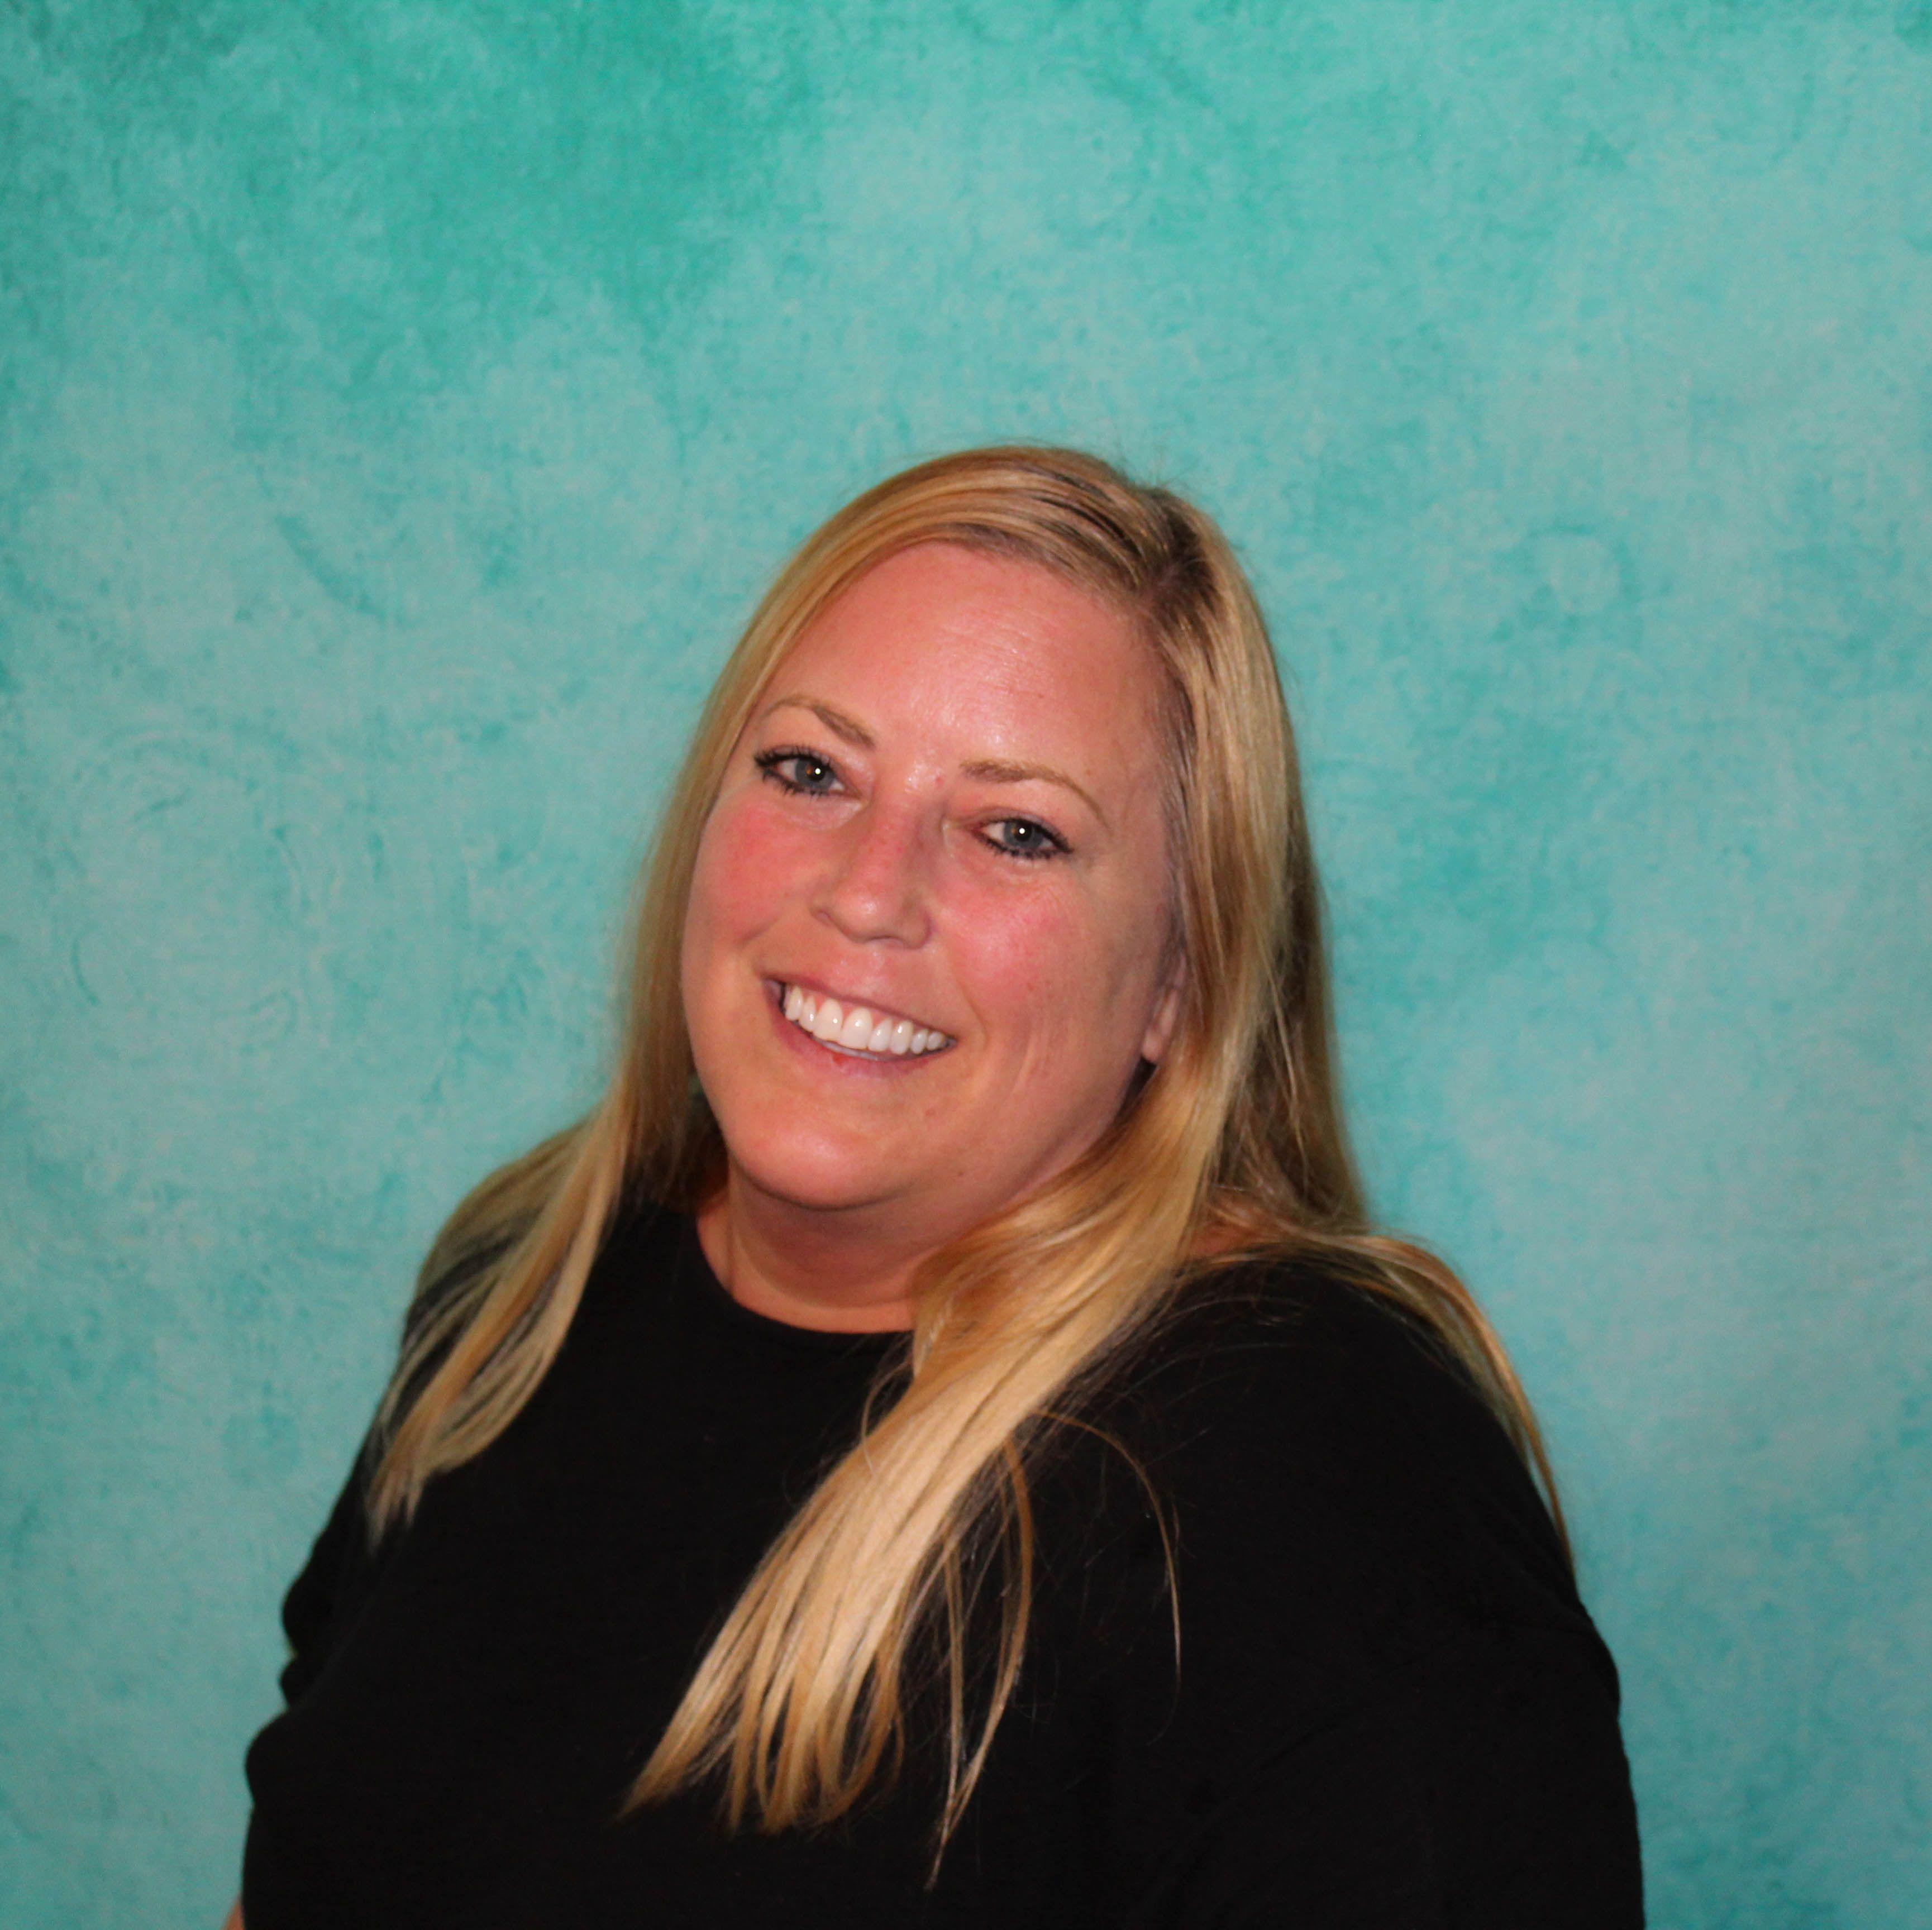 Lisa Heidrich, Finance Manager